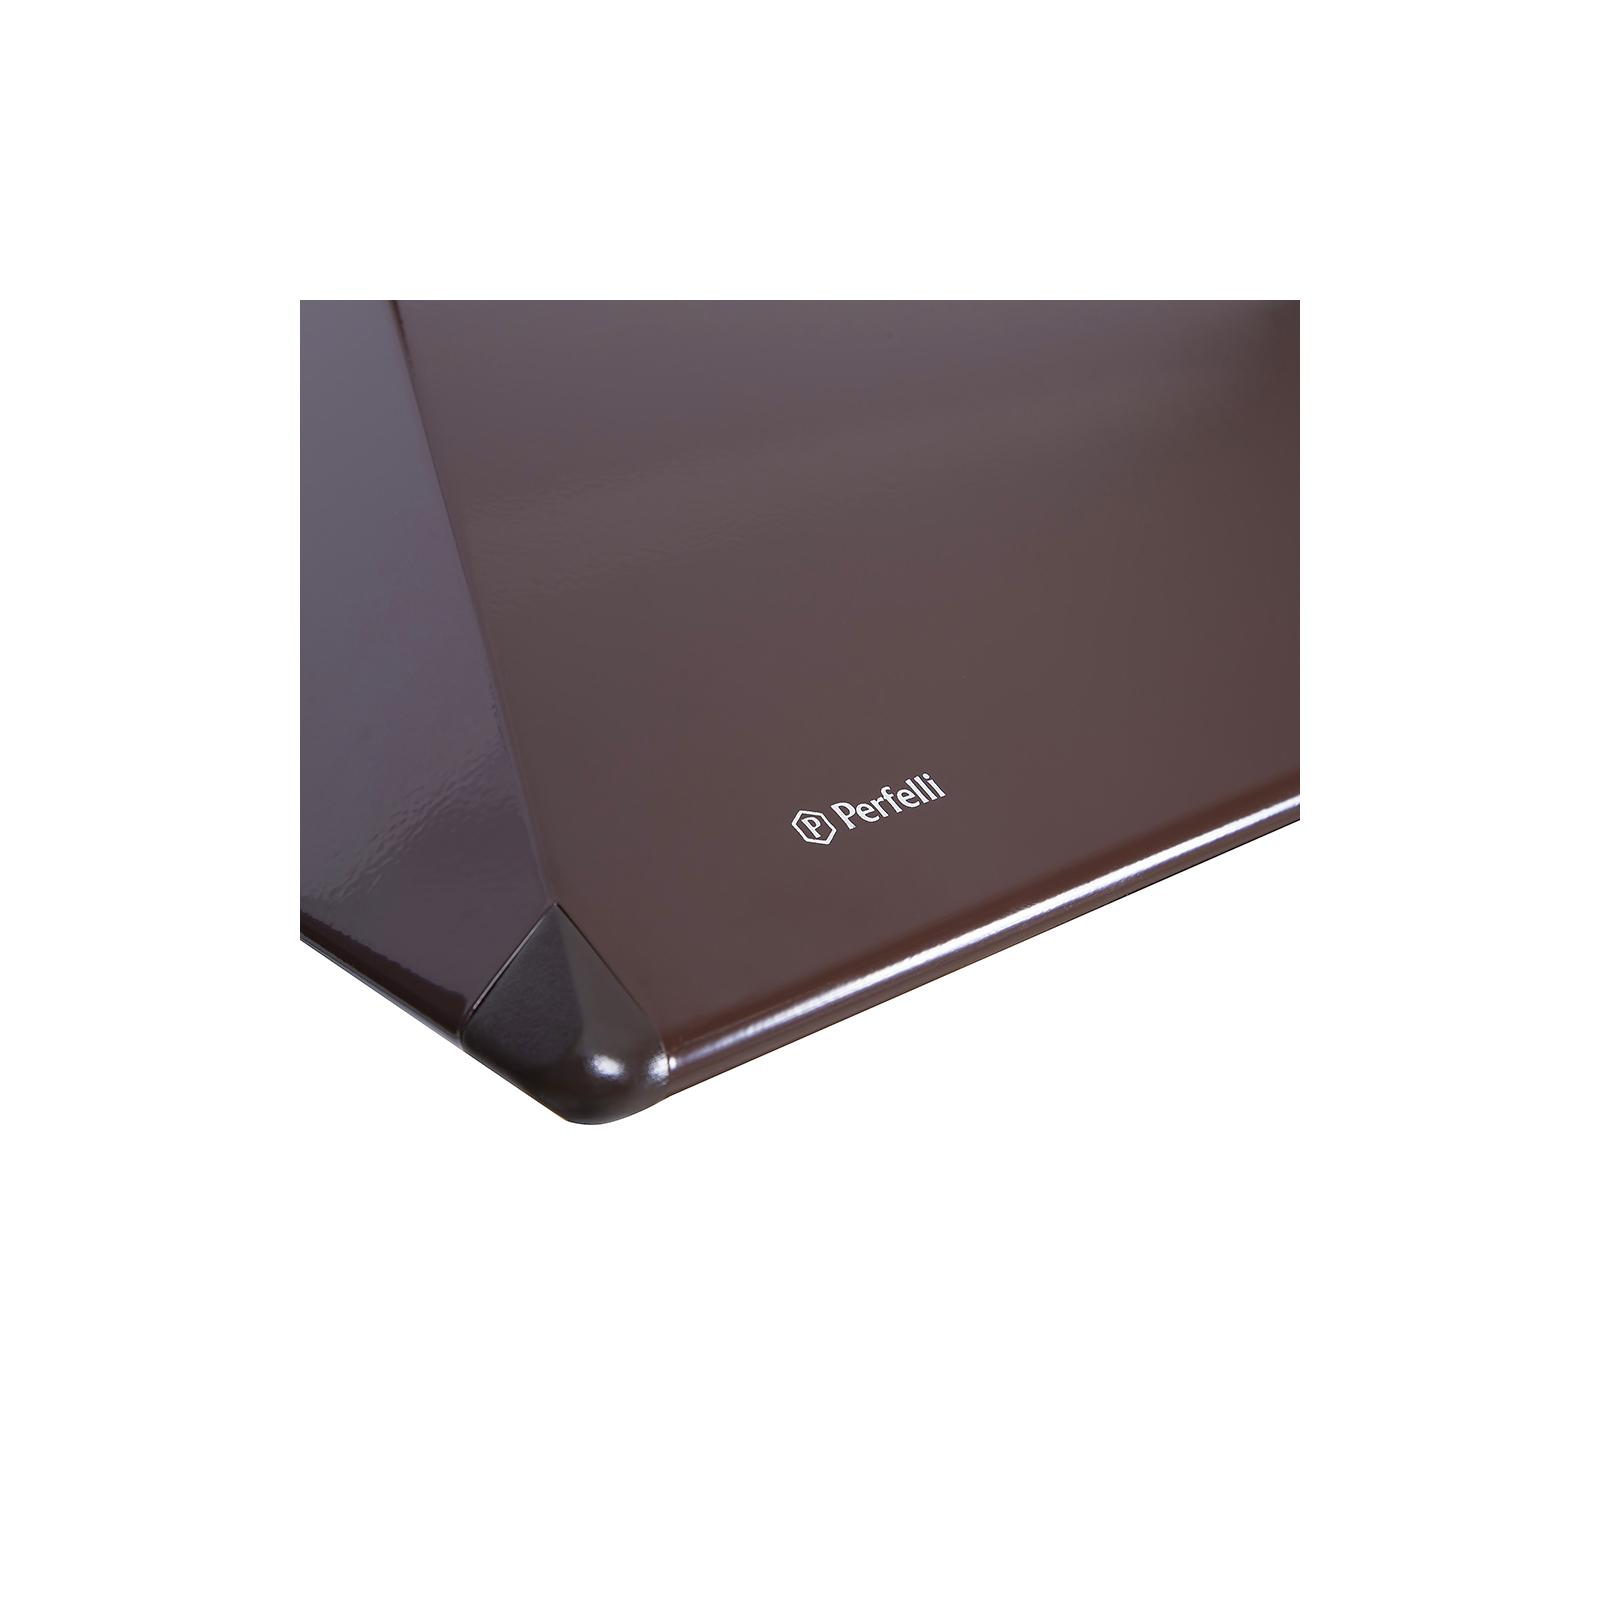 Вытяжка кухонная PERFELLI K 512 BR LED изображение 6